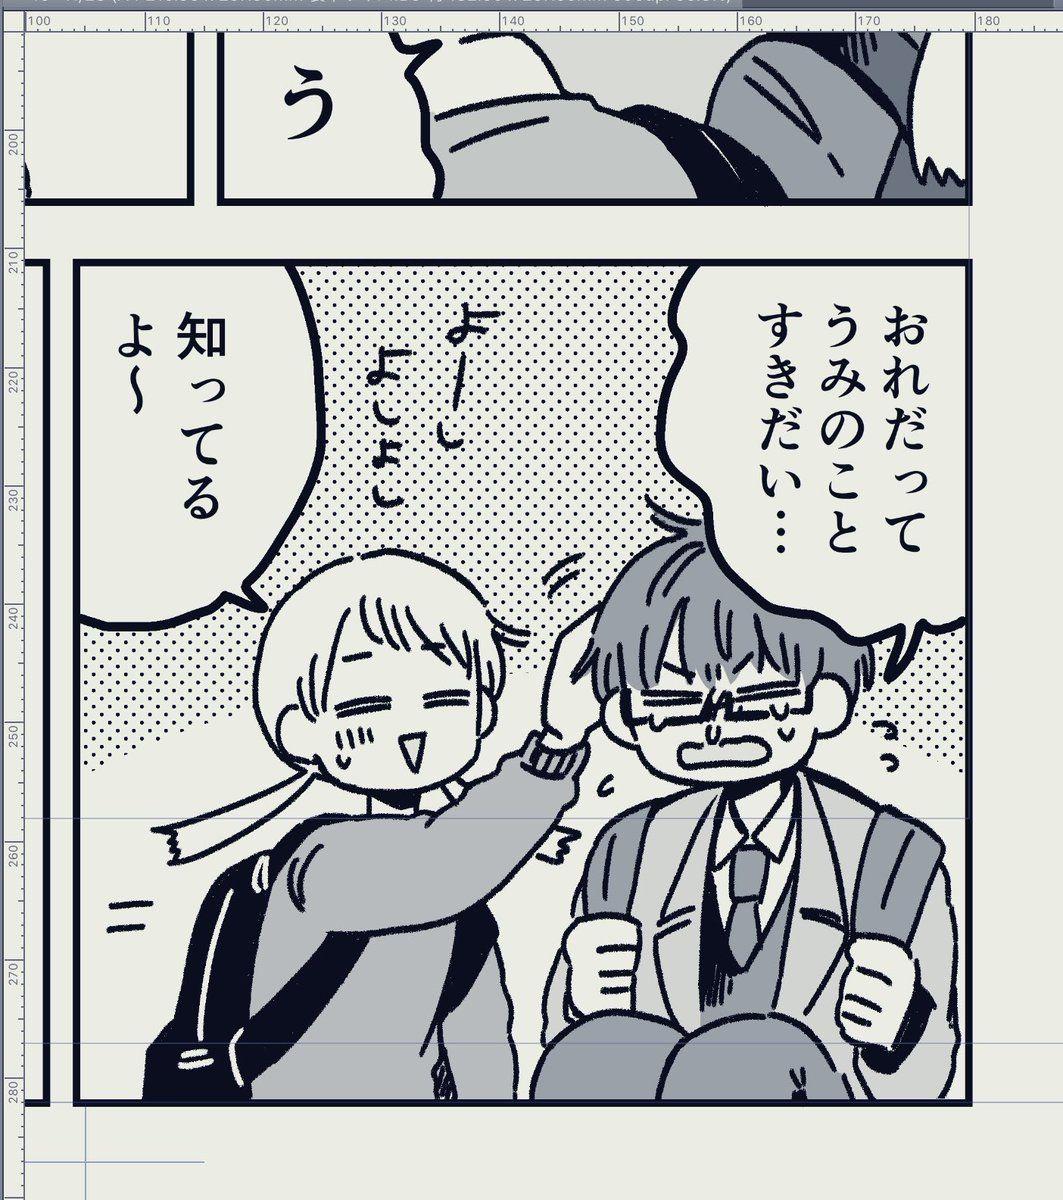 ナルト 42 巻 発売 日